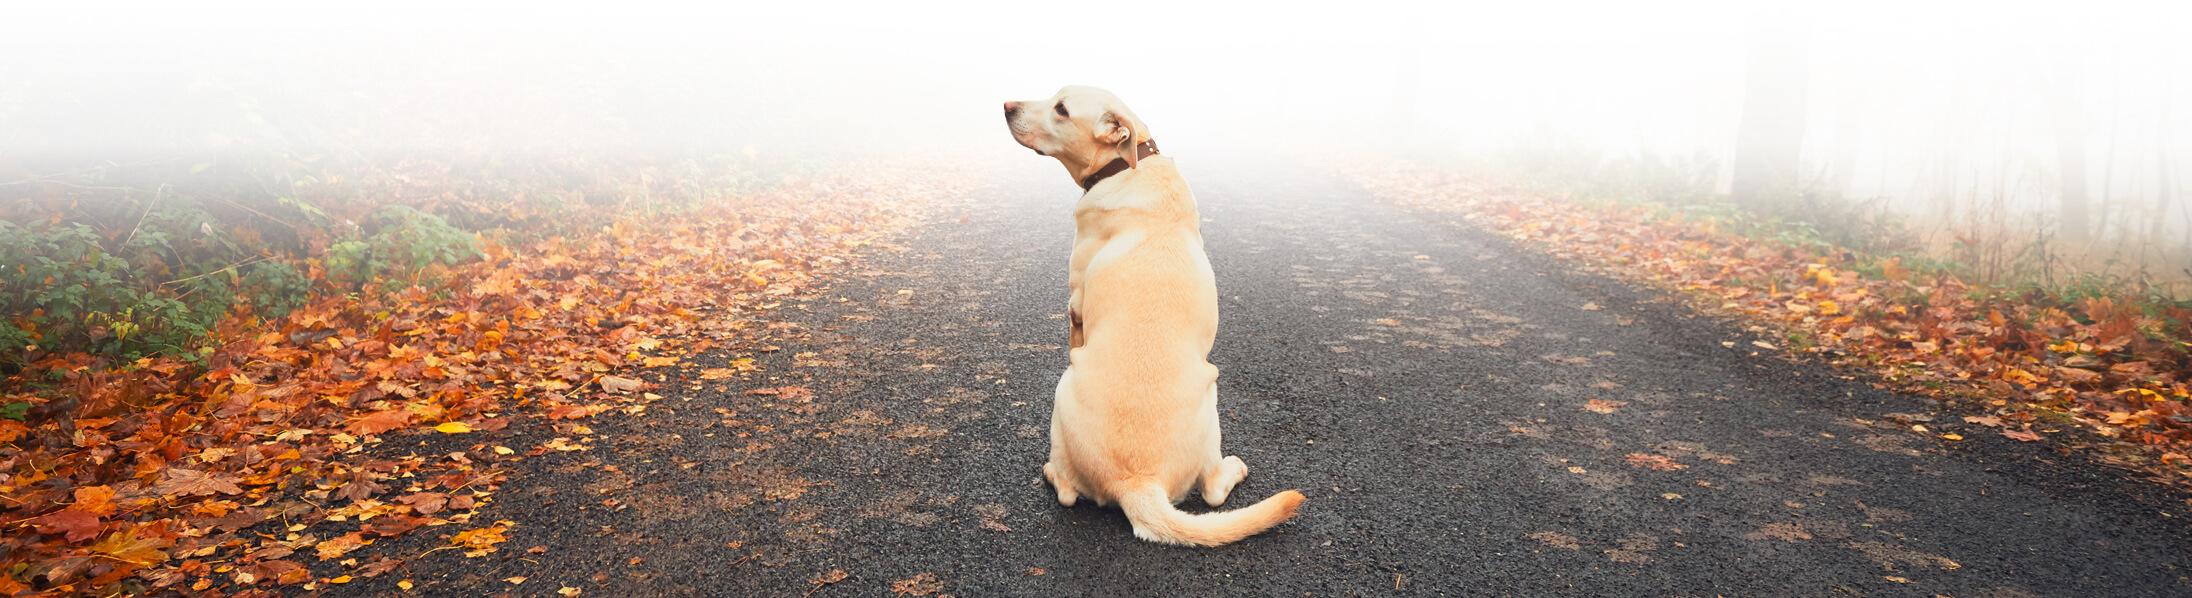 Hund der Rasse Golden Retriever Labrador Misch, welcher auf einem mit Herbstblättern bedecktem Waldweg einsam sitzt und dabei nach oben links schaut